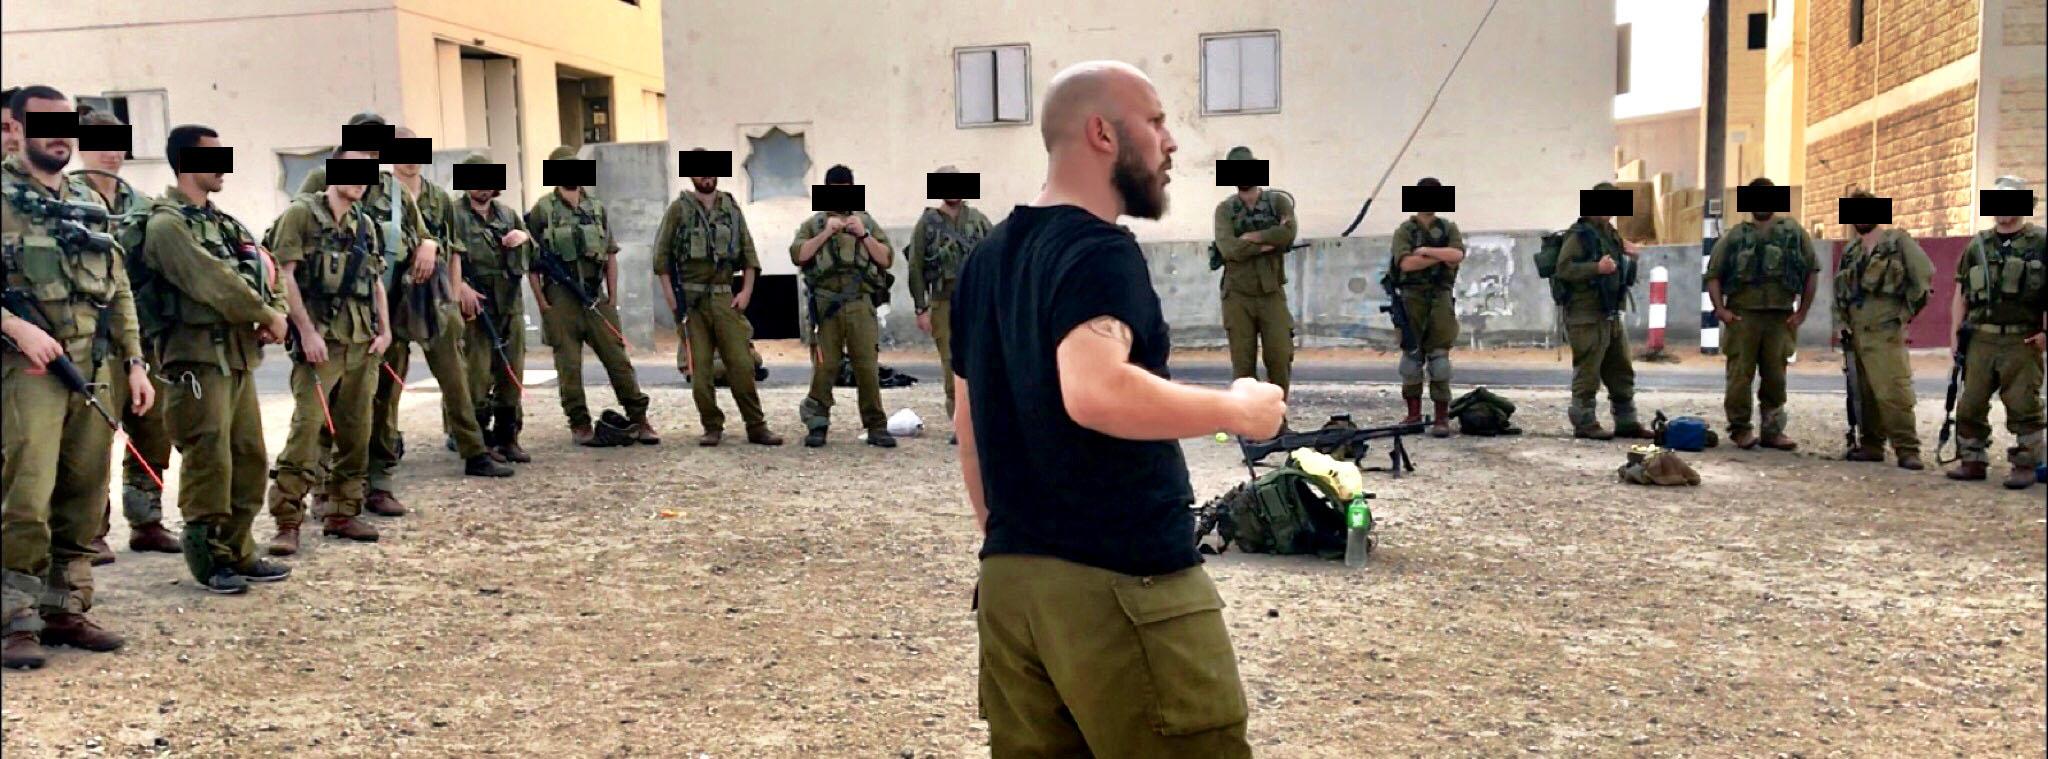 Ron Krav Maga IDF.jpg